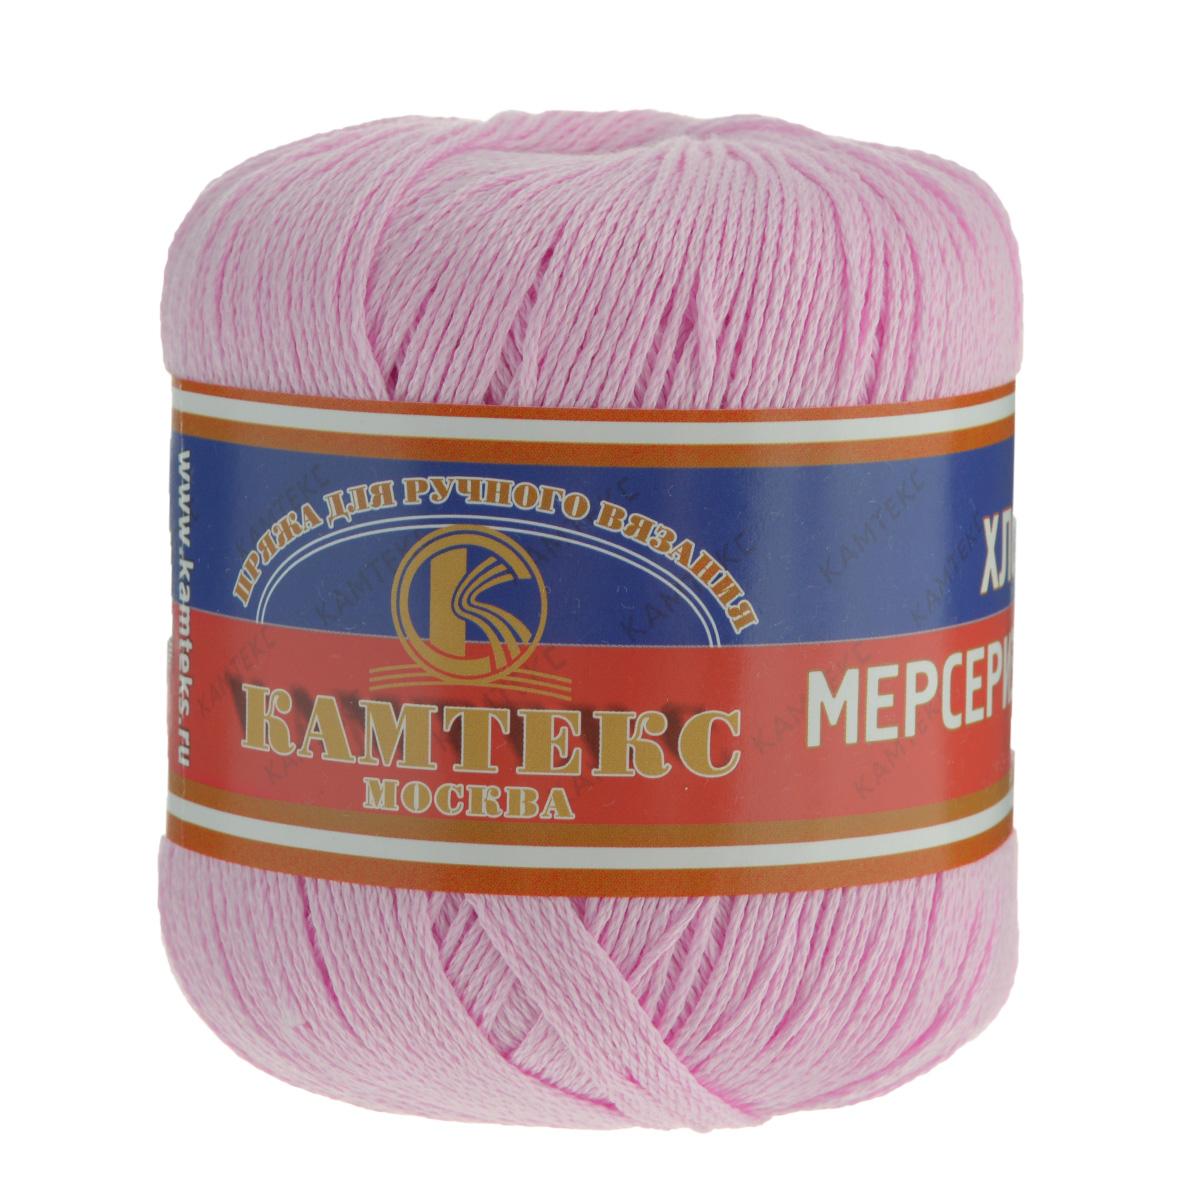 Пряжа для вязания Камтекс Хлопок мерсеризованный, цвет: светло-розовый (055), 200 м, 50 г, 10 шт136093_055Пряжа для вязания Камтекс Хлопок мерсеризованный изготовлена из 100% хлопка. Лучшие свойства хлопка: Хлопок мерсеризованный - благодаря тому, что хлопок прошел обработку под названием мерсеризация, пряжа приобретает блеск, ее легко окрасить в яркие устойчивые цвета; - мерсеризованные нити прочнее обычных, а изделия из них меньше мнутся при носке и не садятся при стирке. Такая пряжа предназначена для вязания блузок, футболок, платьев и многого другого. Связанные вещи отличаются стойким цветом, благородным блеском, экологичностью и долговечностью. Элегантность, прочность, комфорт - приятные свойства новых технологий. Подходит для вязания на спицах и крючках 2-4 мм. Состав: 100% хлопок.